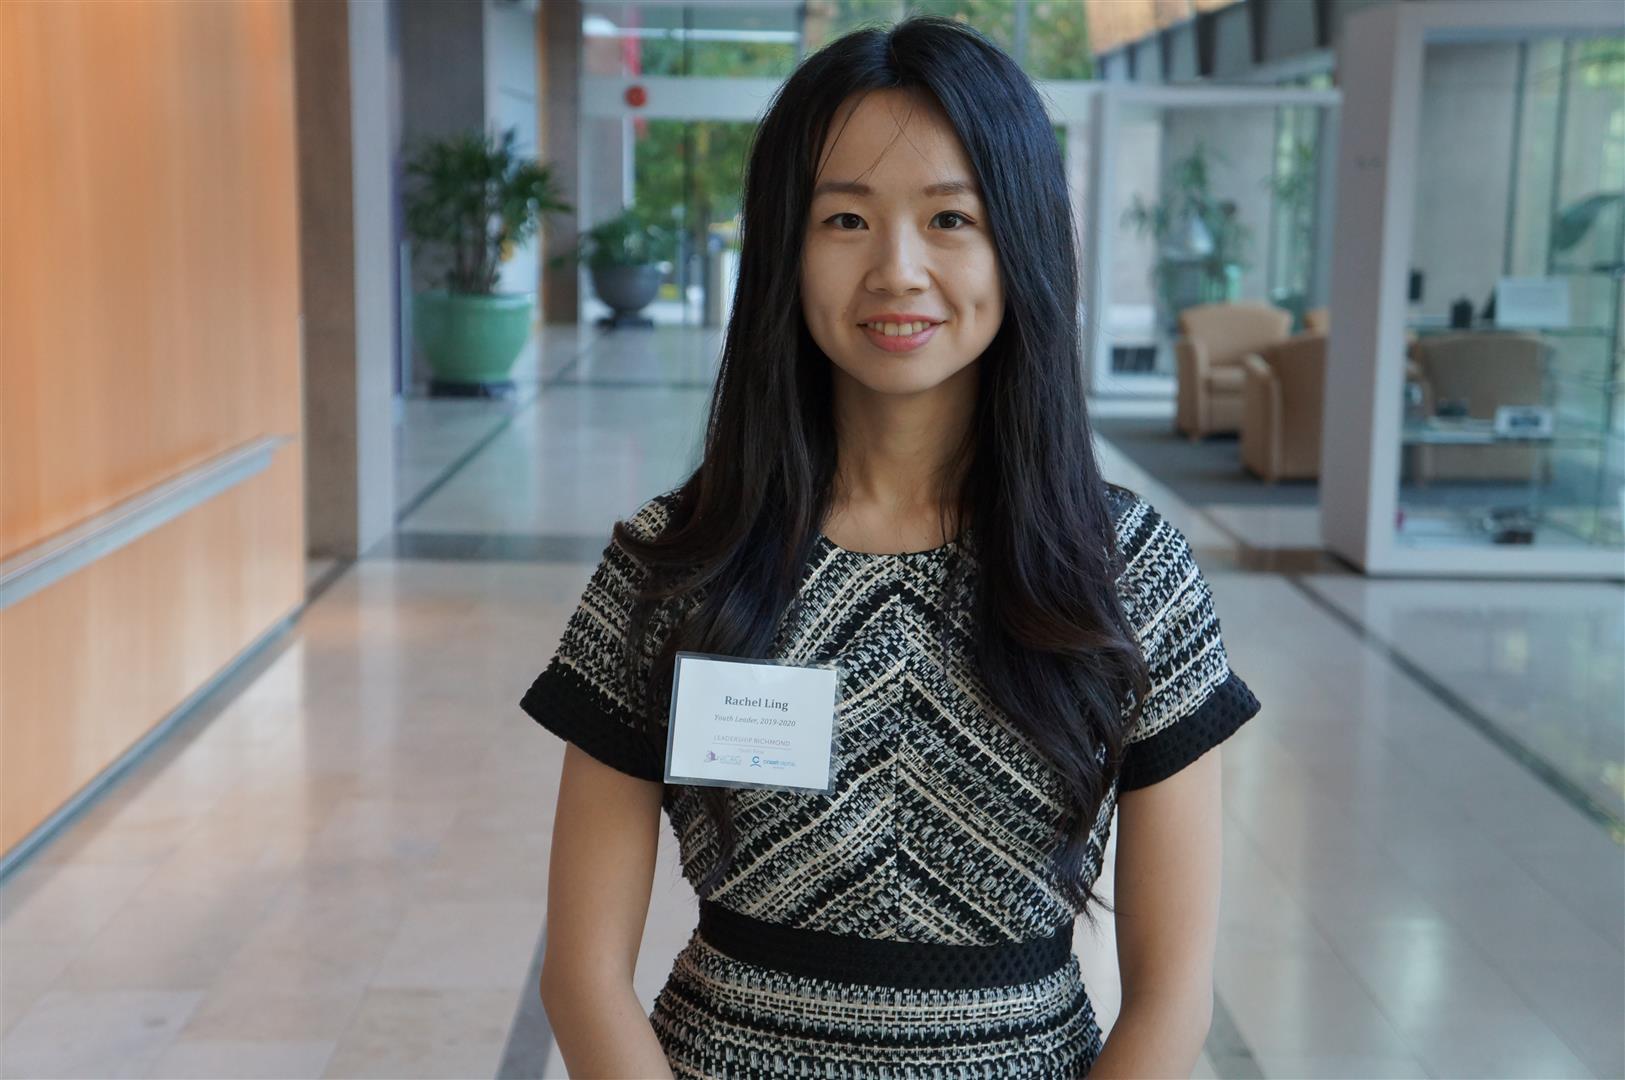 Rachel Ling